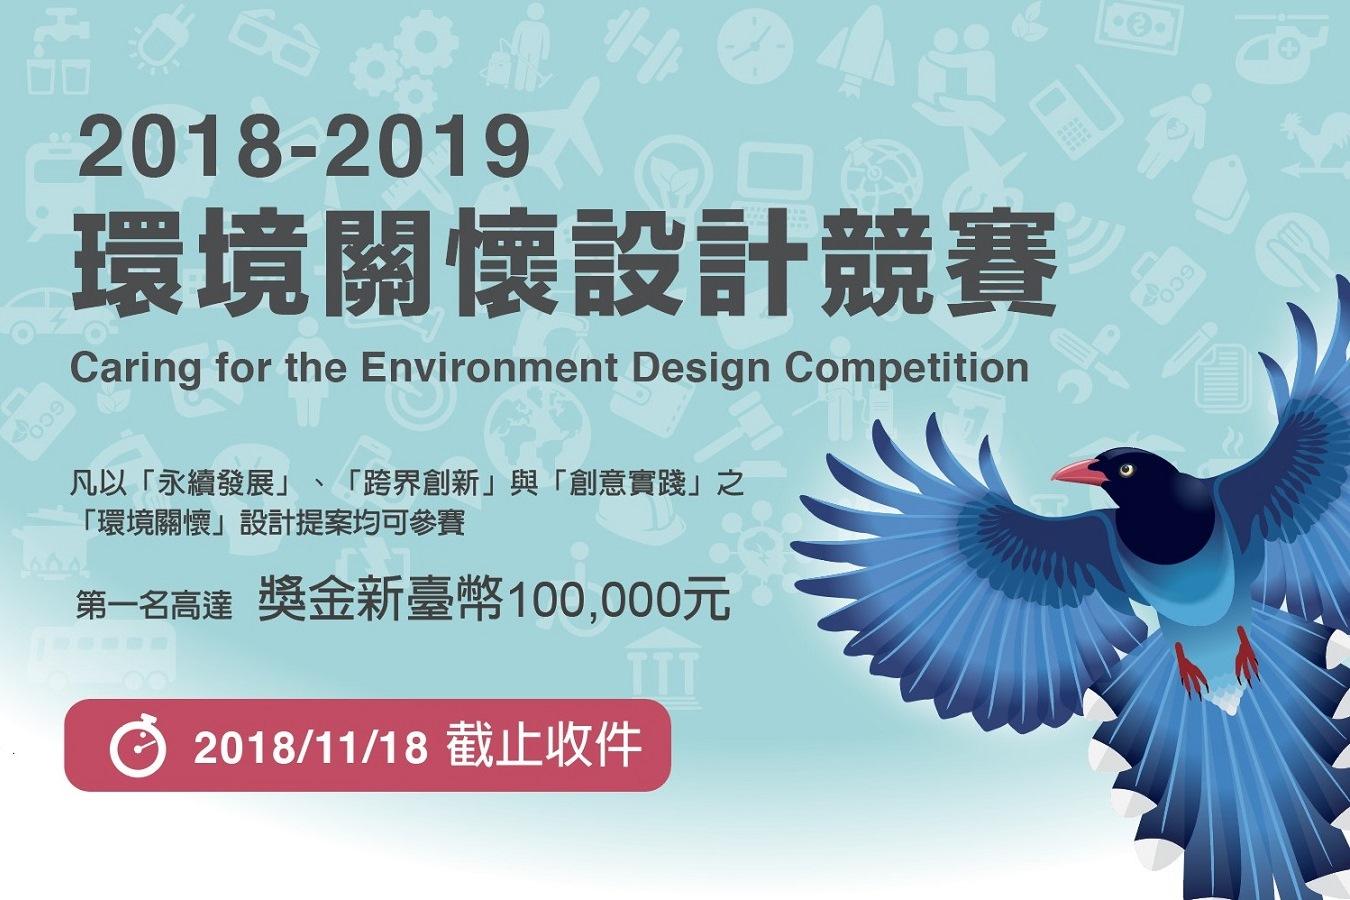 2018-2019環境關懷設計競賽徵件開跑!優勝者將代表台灣競逐丹麥INDEX雙年設計獎